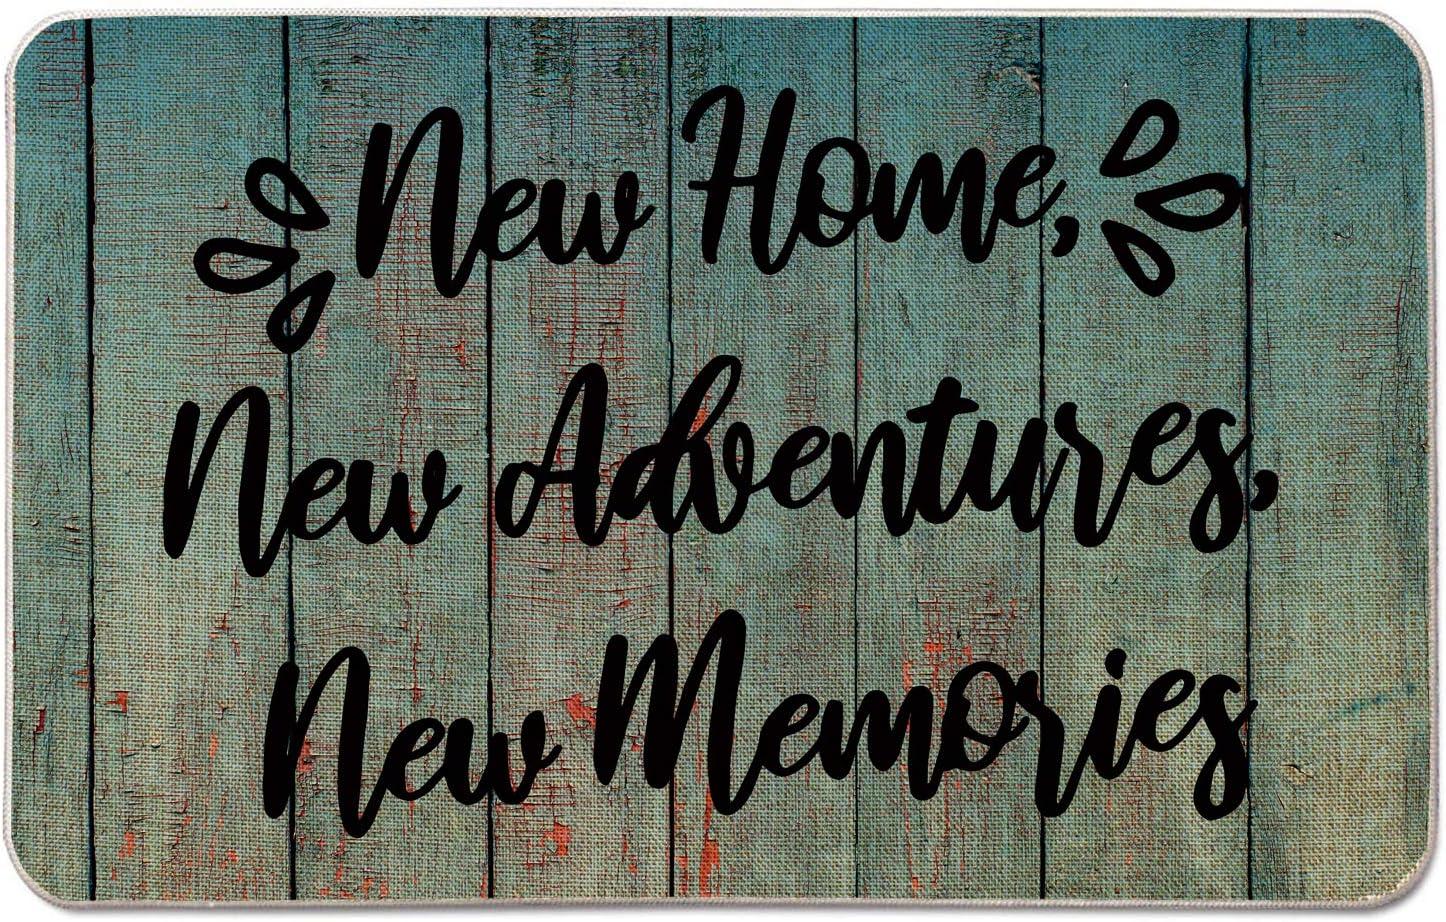 Occdesign Housewarming Welcome Doormat for Front Door Farmhouse Rustic Decorative Entryway Outdoor Floor Doormat Durable Burlap Outdoor Rug | New Home New Adventures New Memories